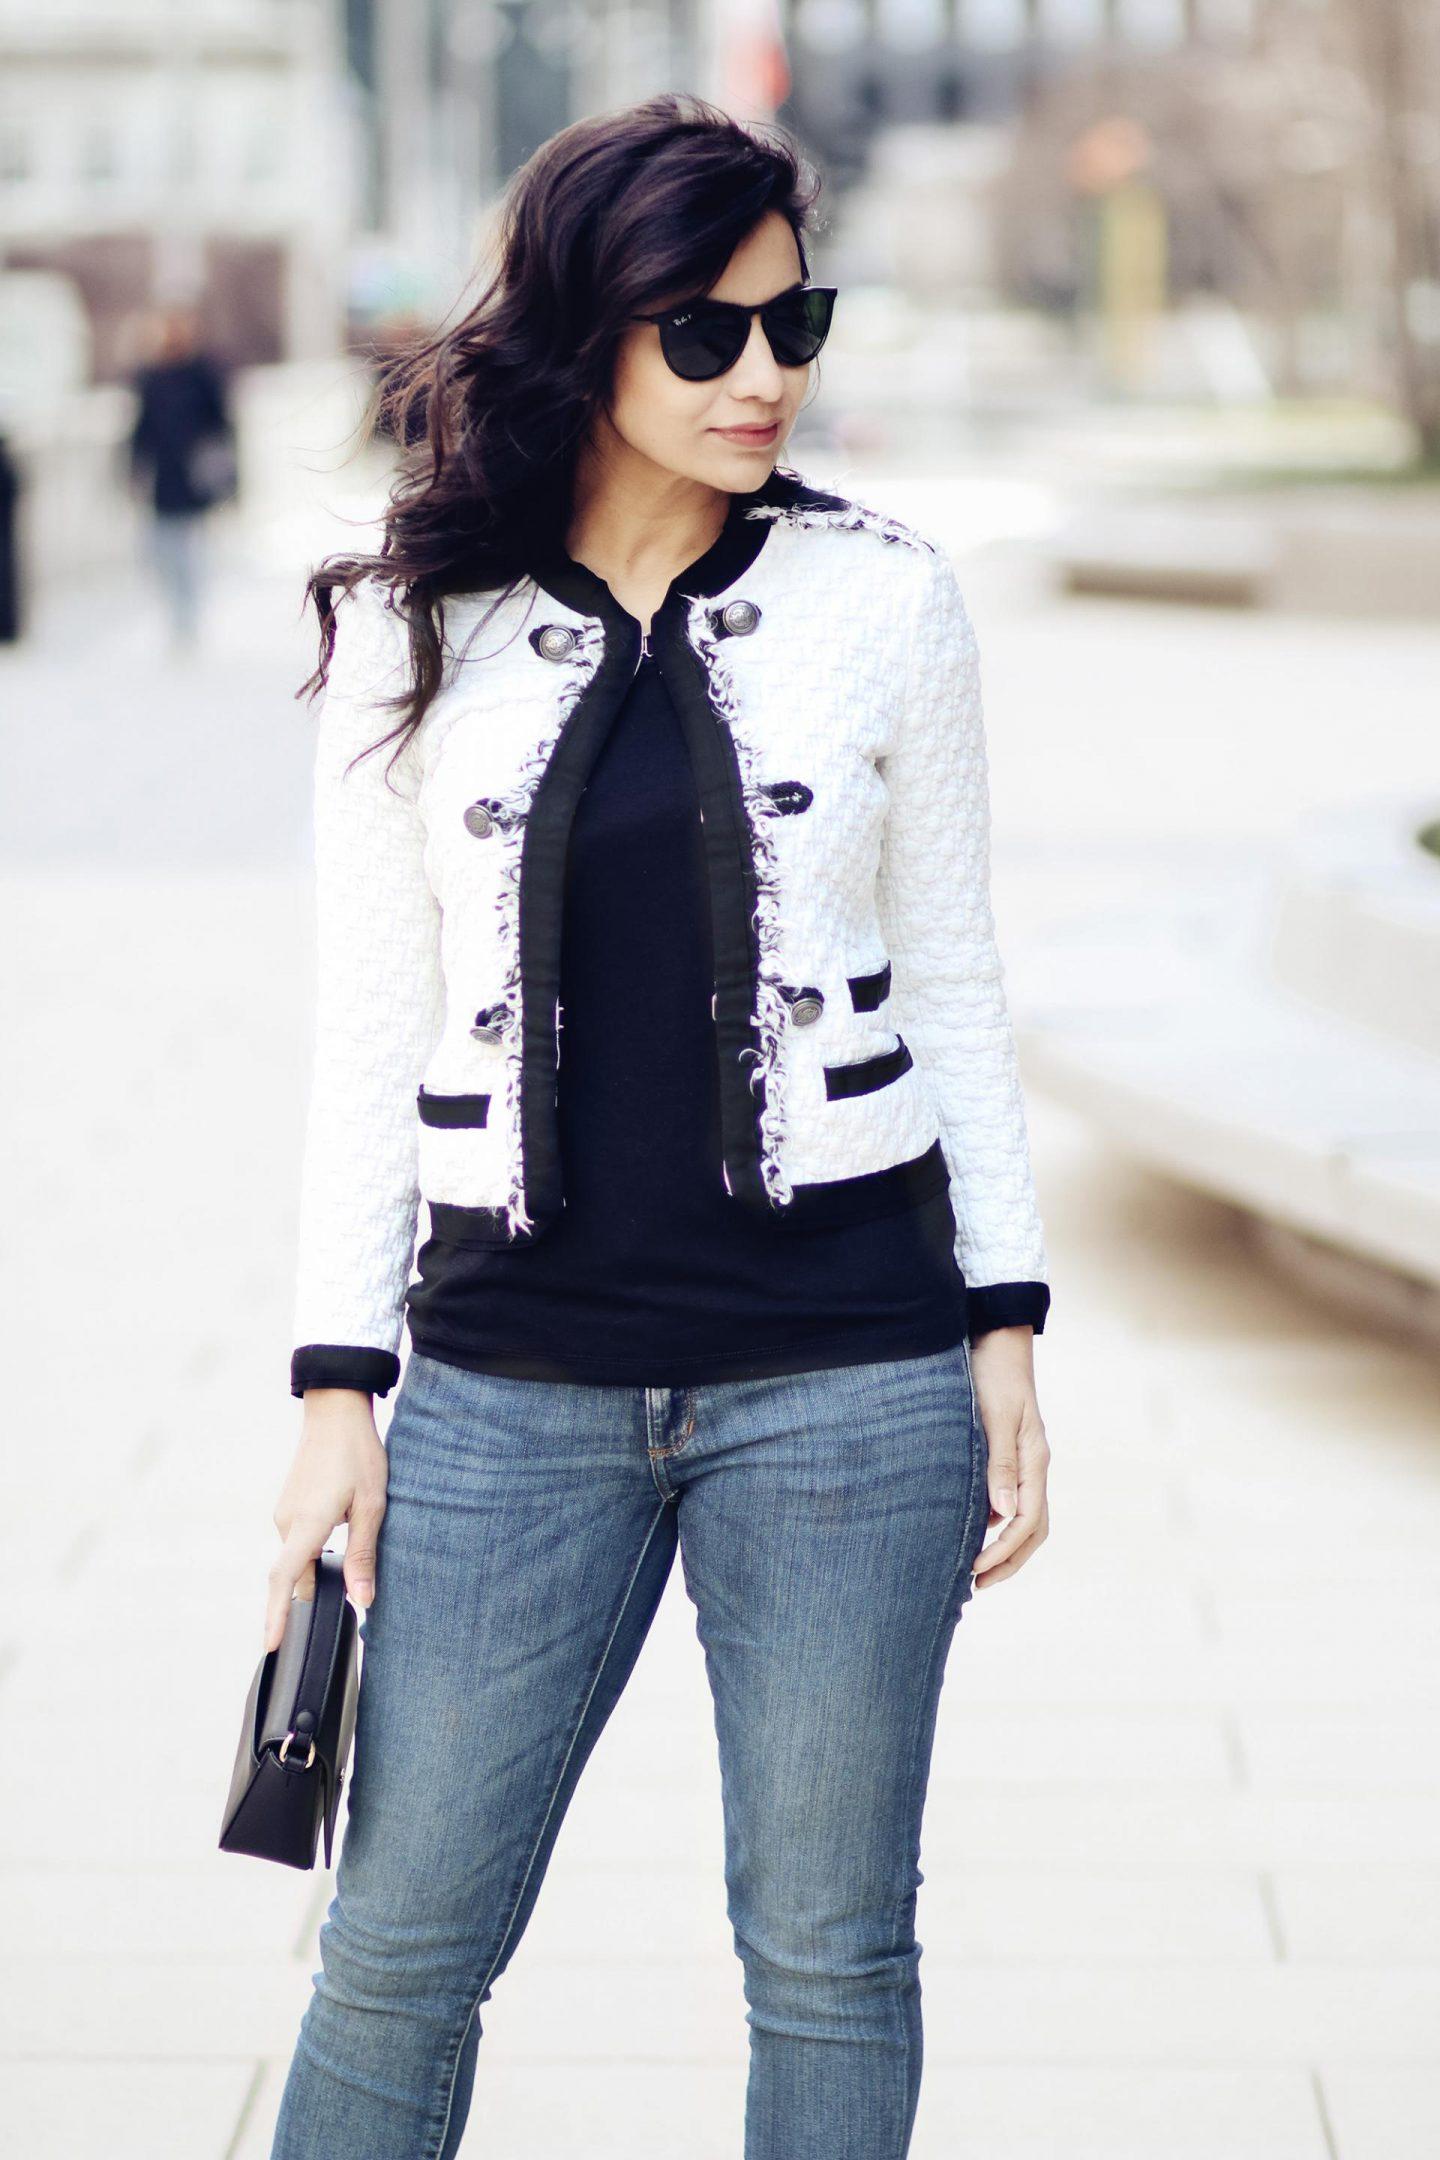 Chanel Style Jacket U2013 Styleroundtheclock